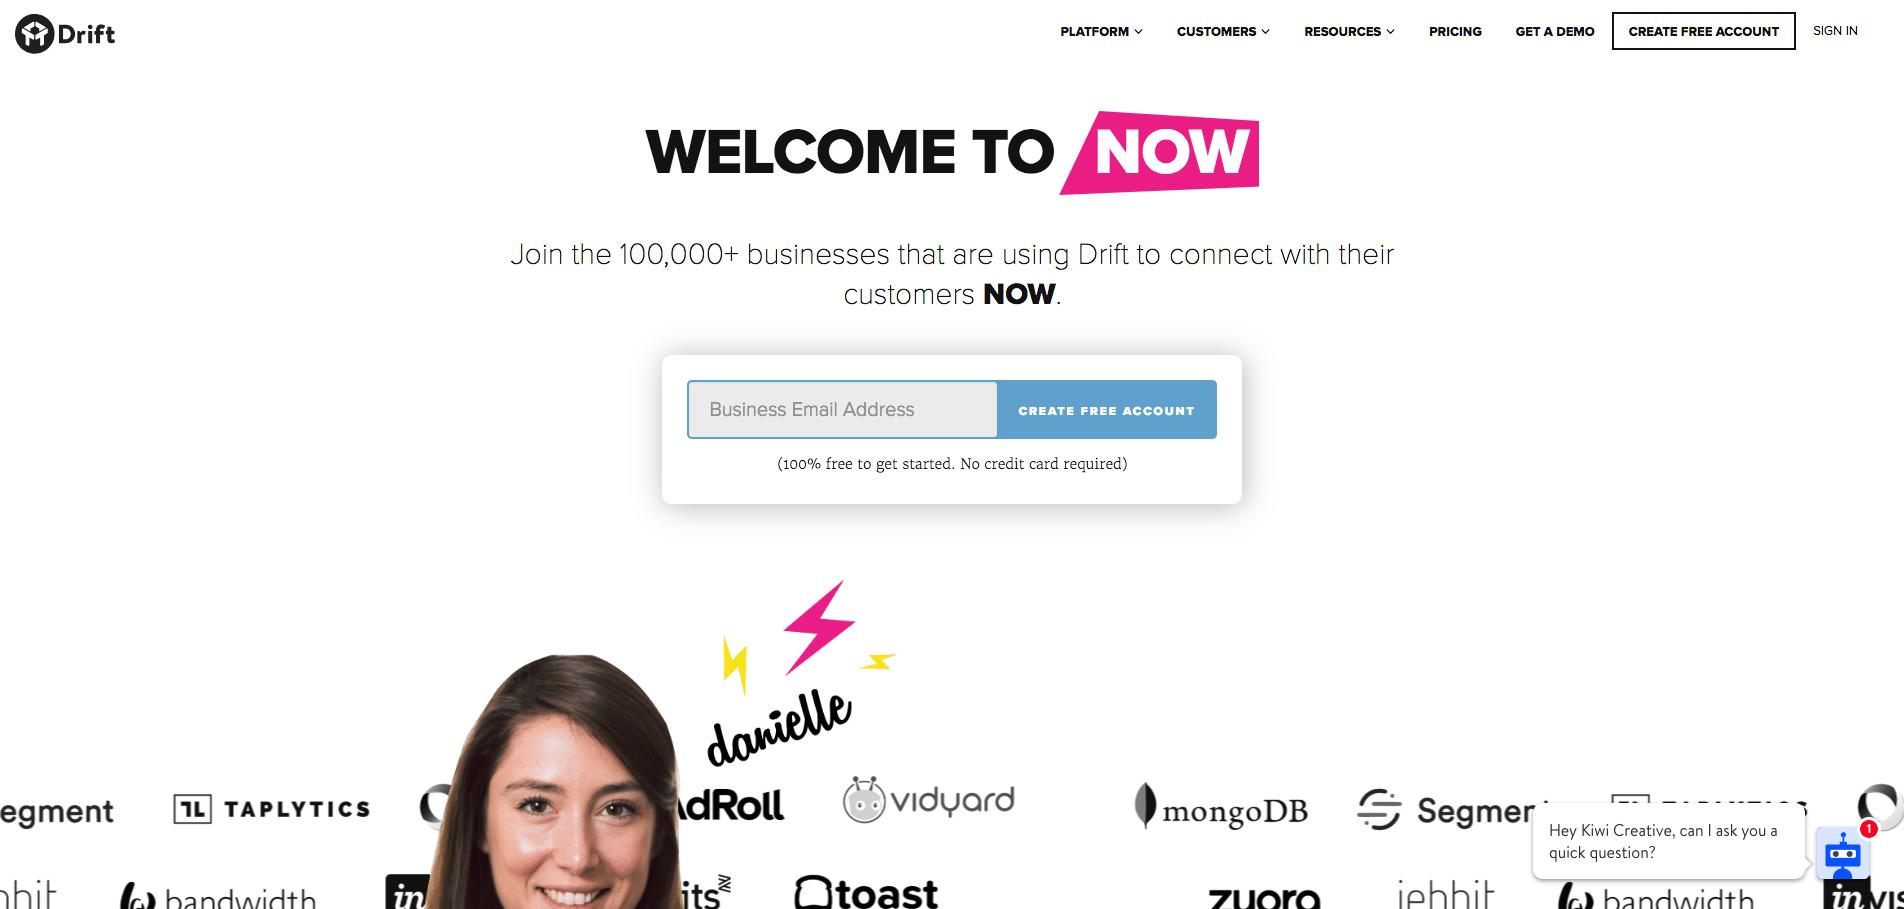 Drift.com homepage